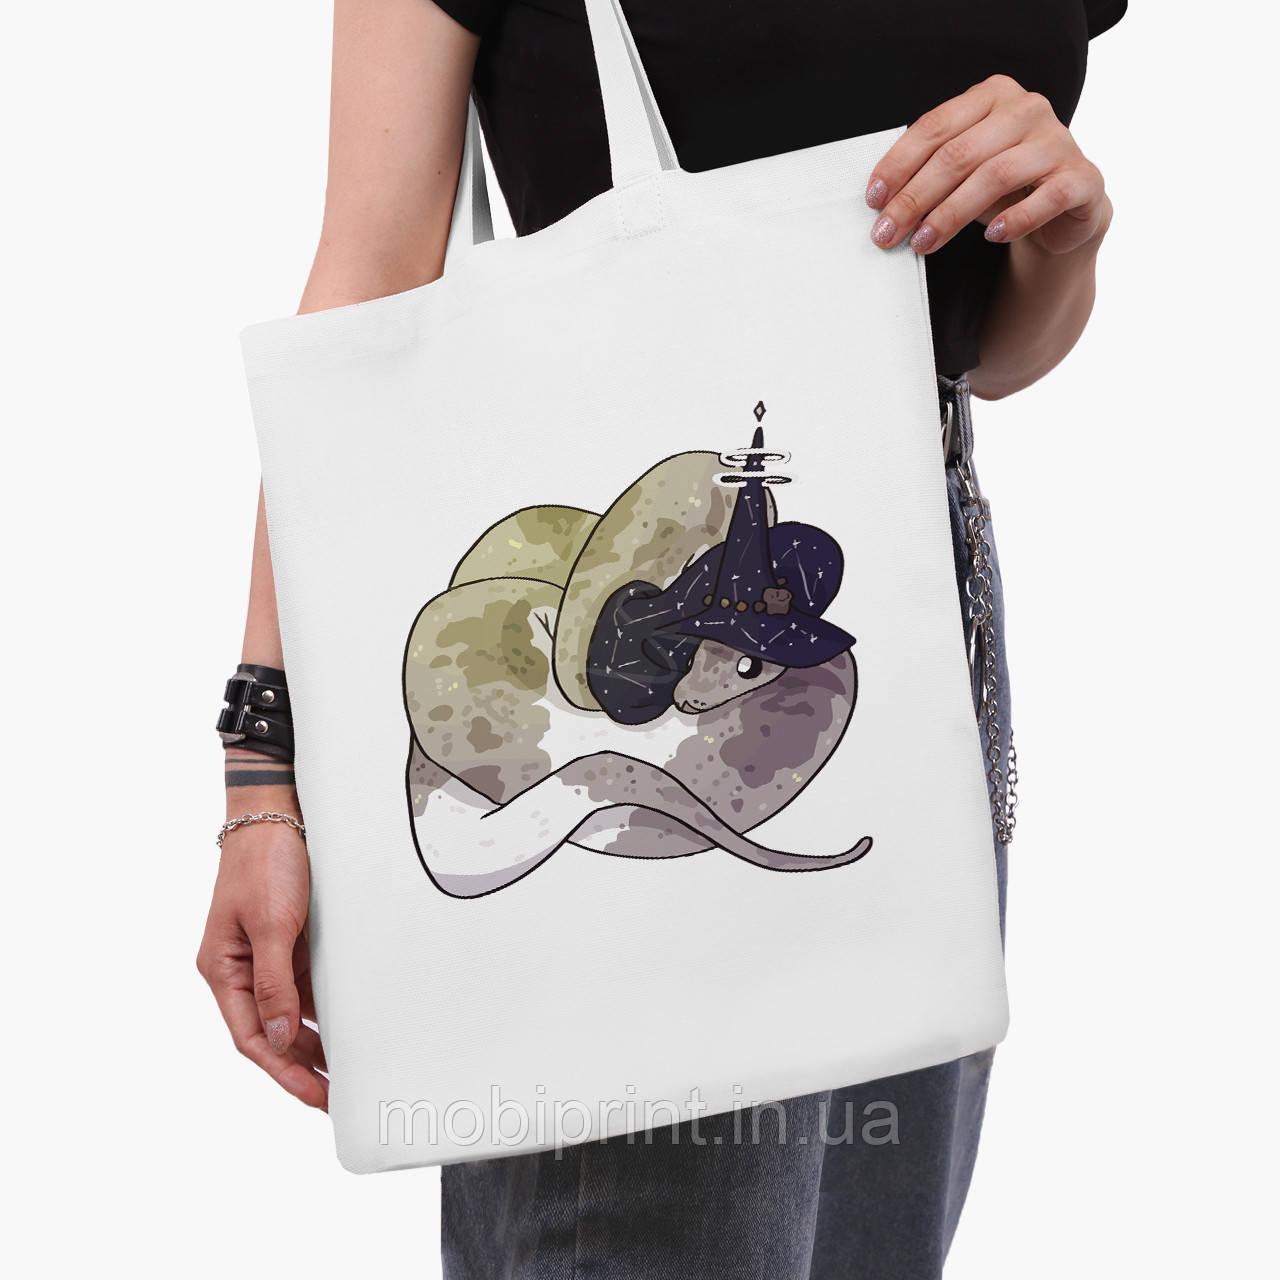 Еко сумка шоппер біла Магічна змія (Magic snake) (9227-2848-3) 41*35 см